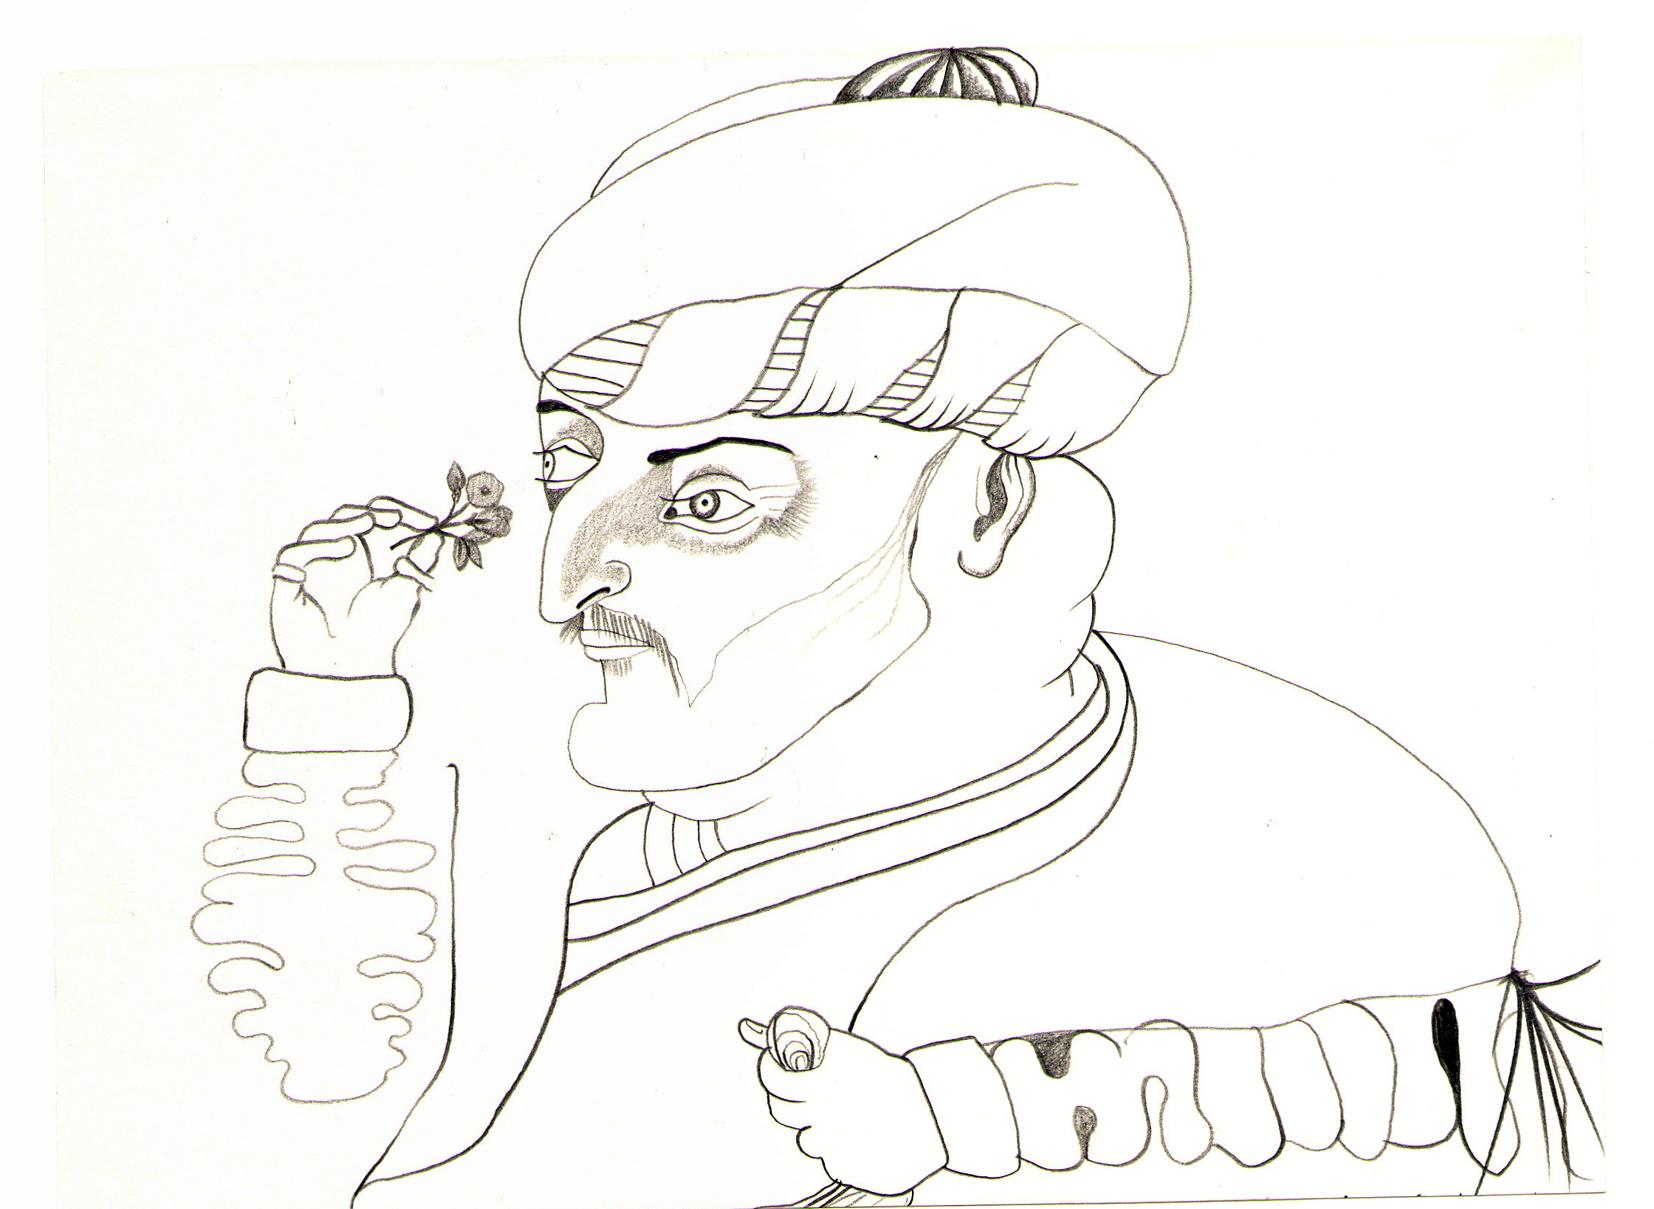 O.T. ( arab uno ), 2008  Bleistift auf Papier, 26.5x35.5cm